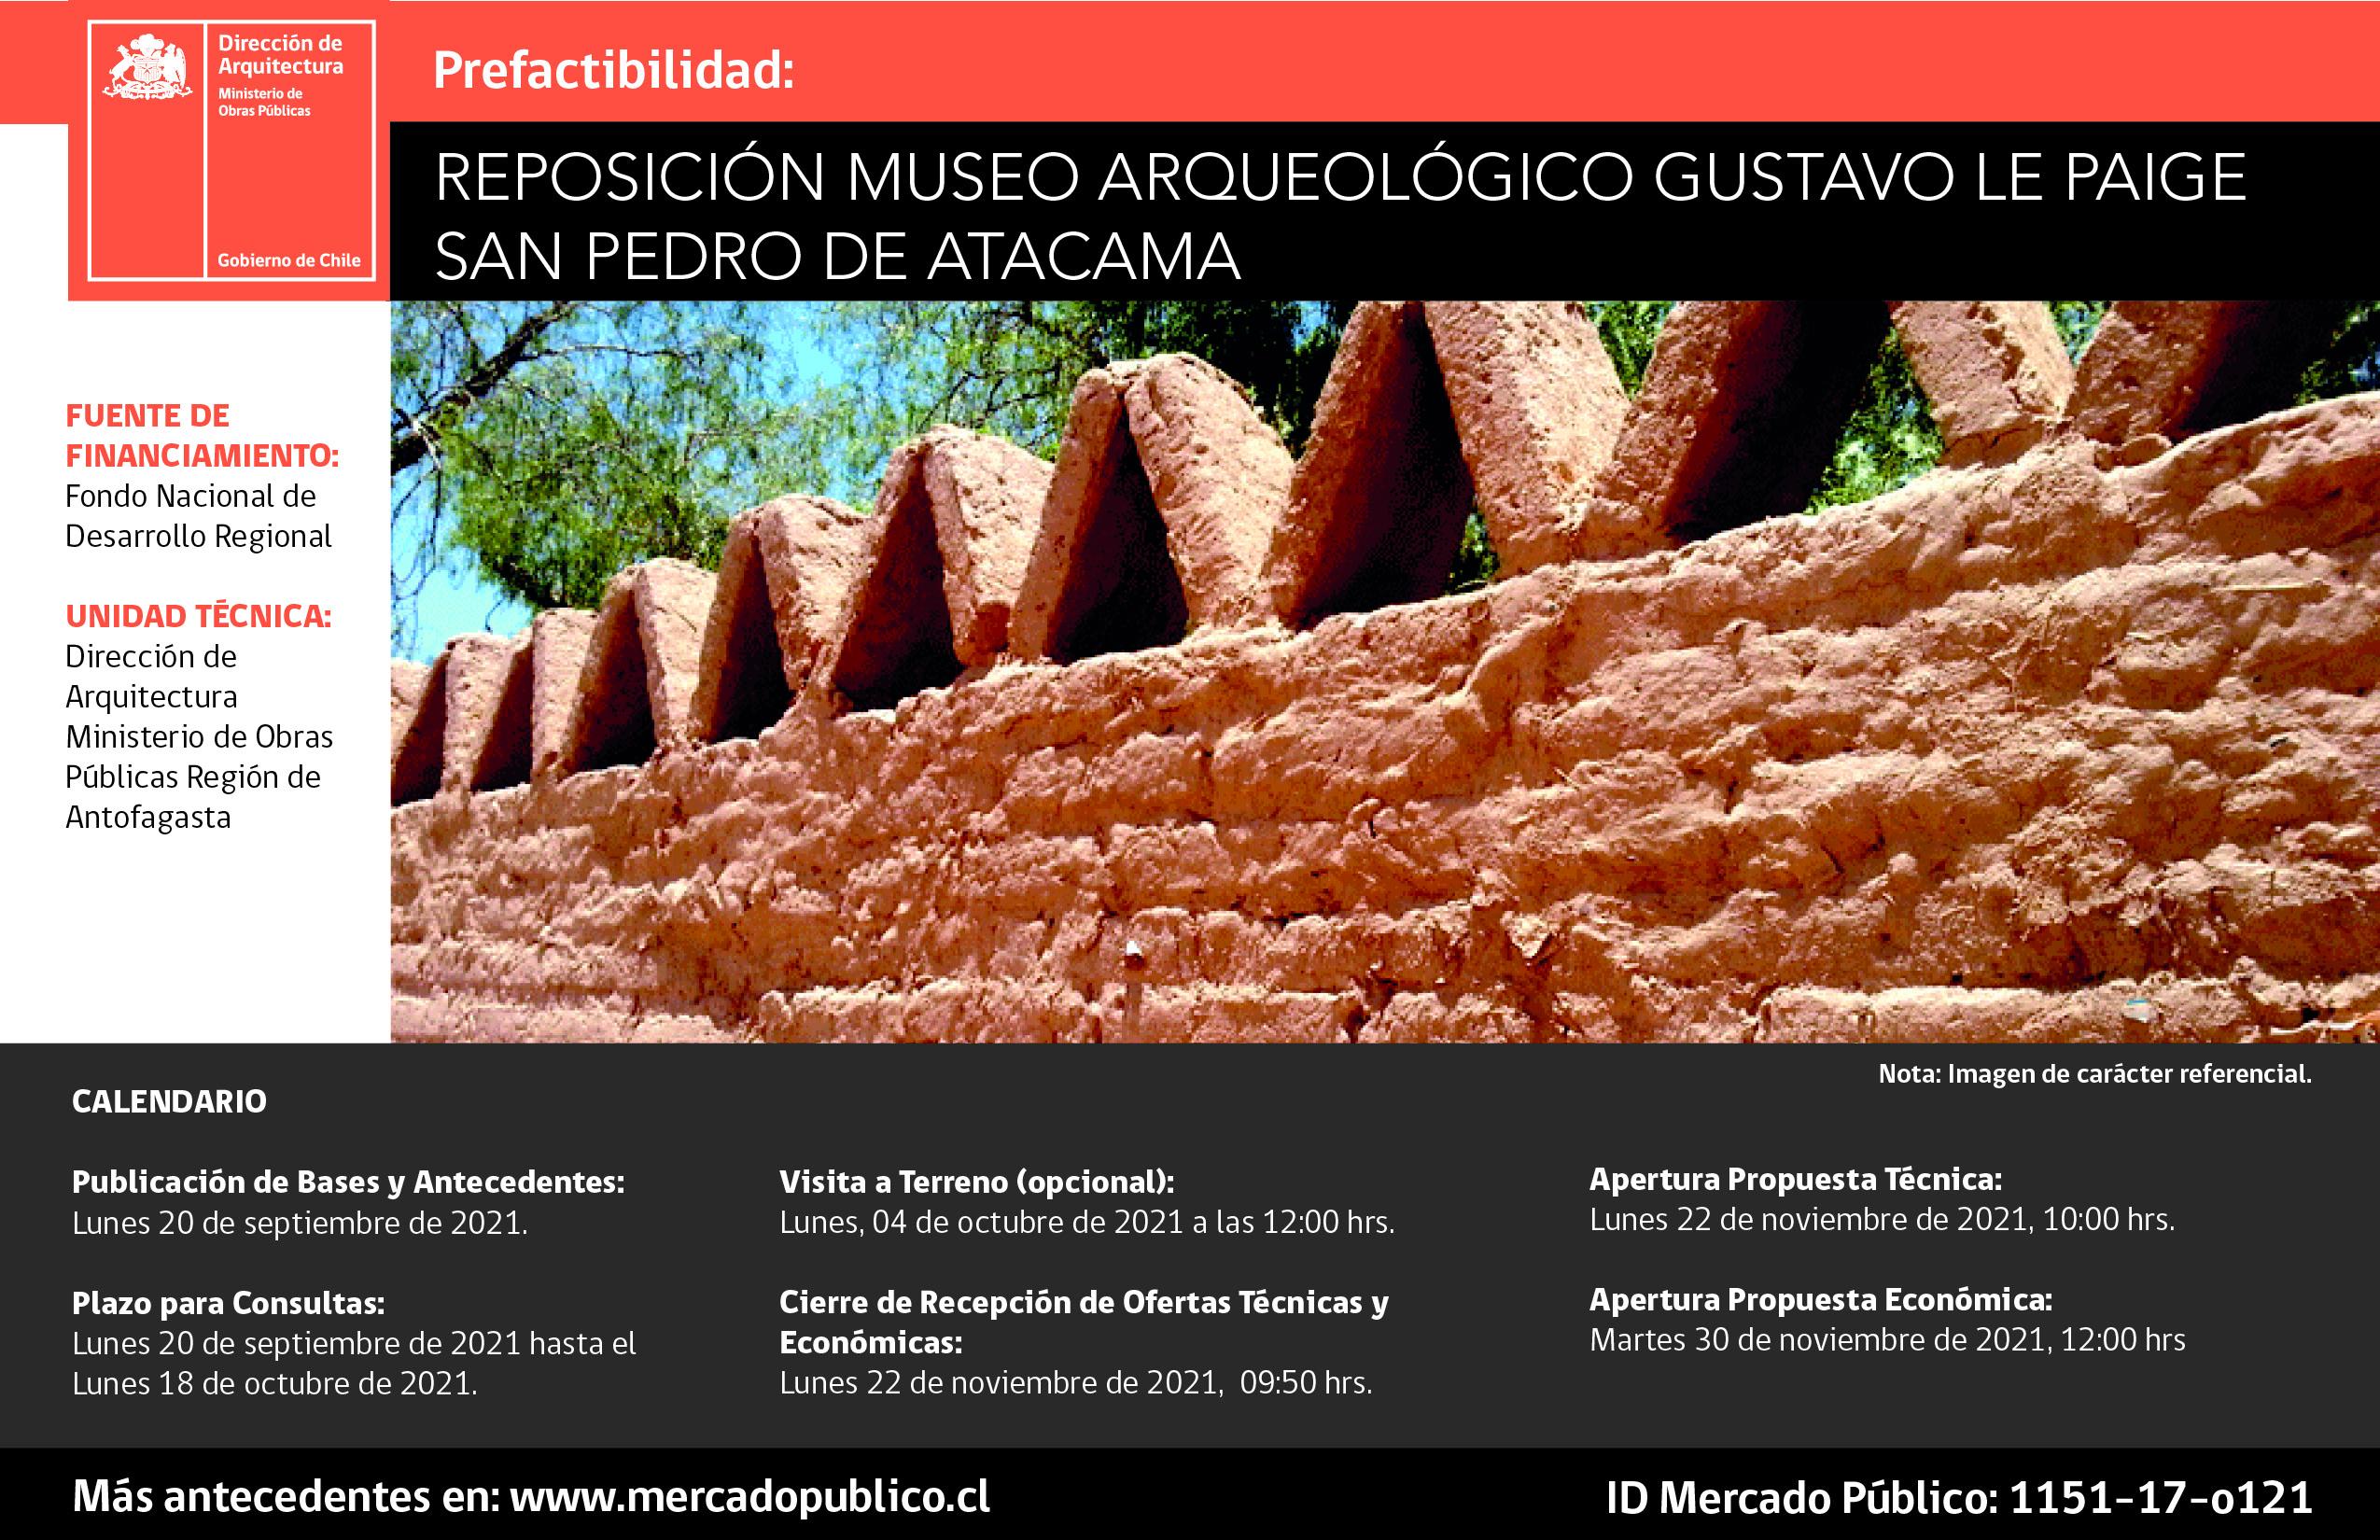 MOP licita Prefactibilidad para reposición de Museo Gustavo Le Paige de San Pedro de Atacama